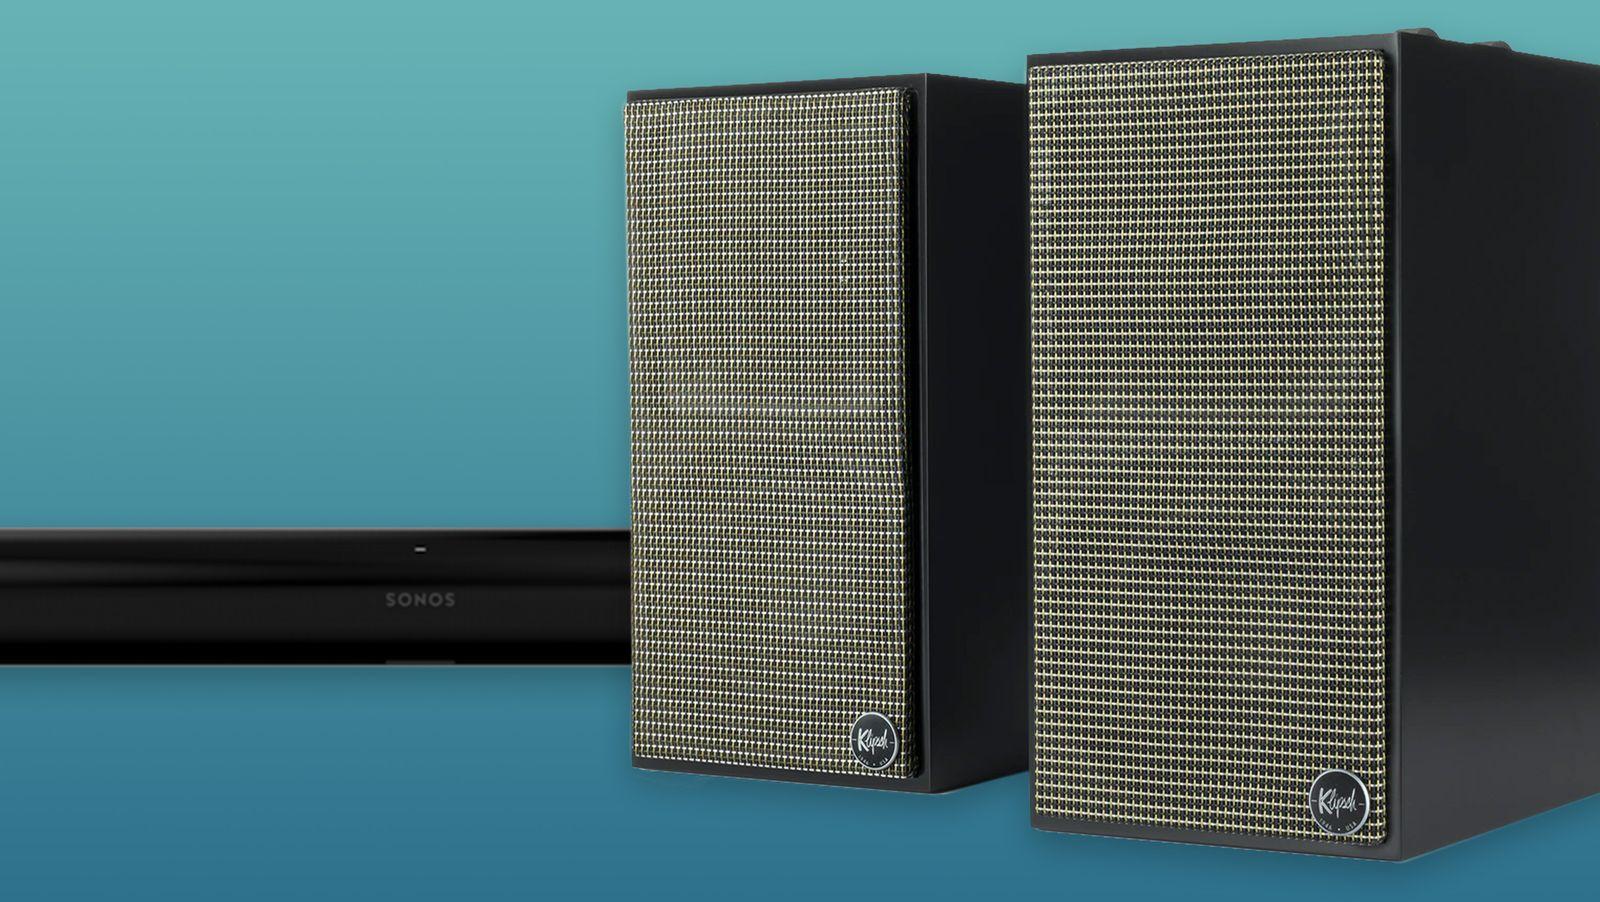 Soundbar Vs. Speakers